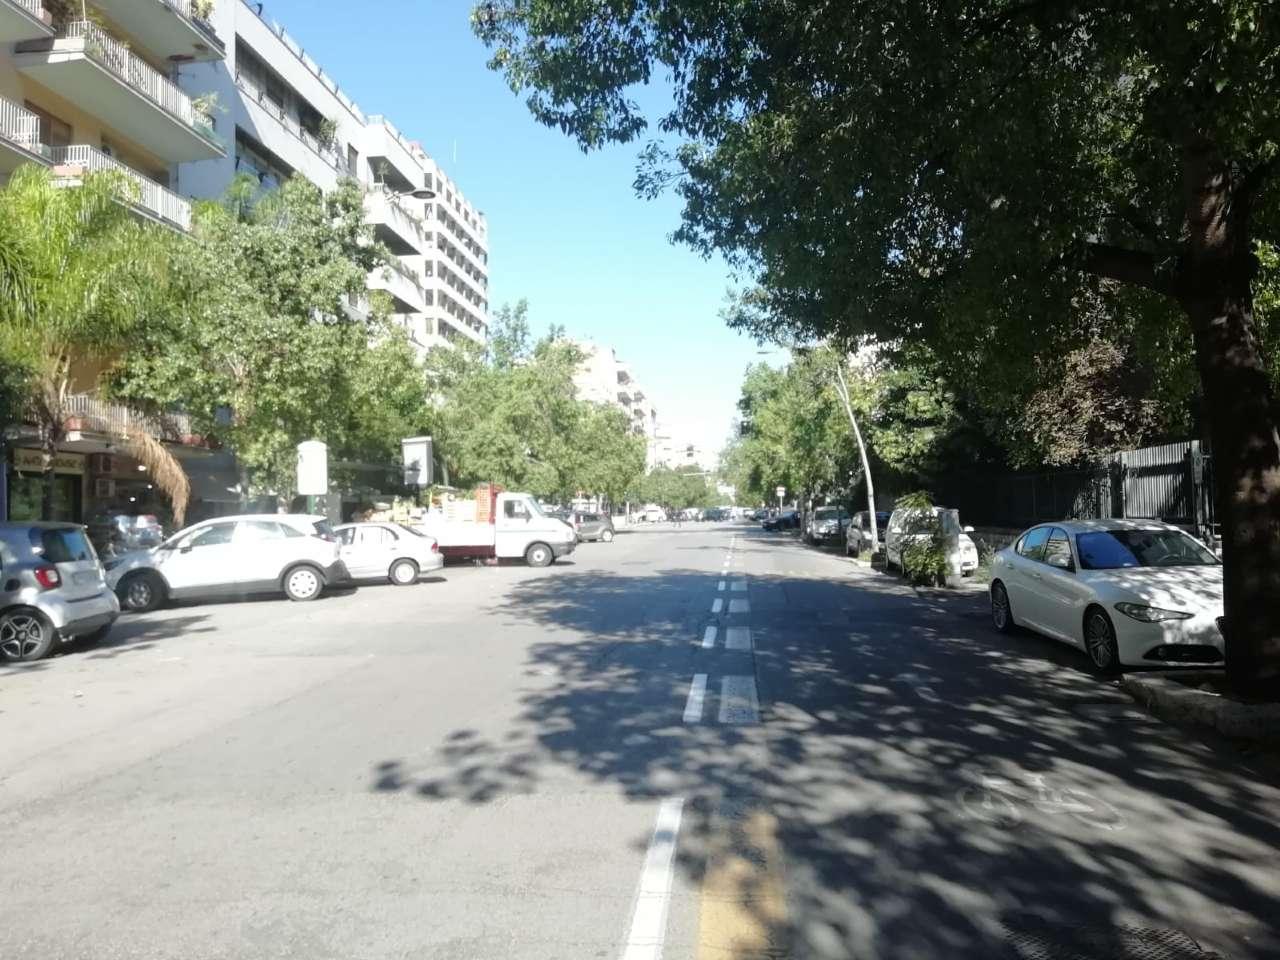 Negozio-locale in Affitto a Palermo: 3 locali, 40 mq